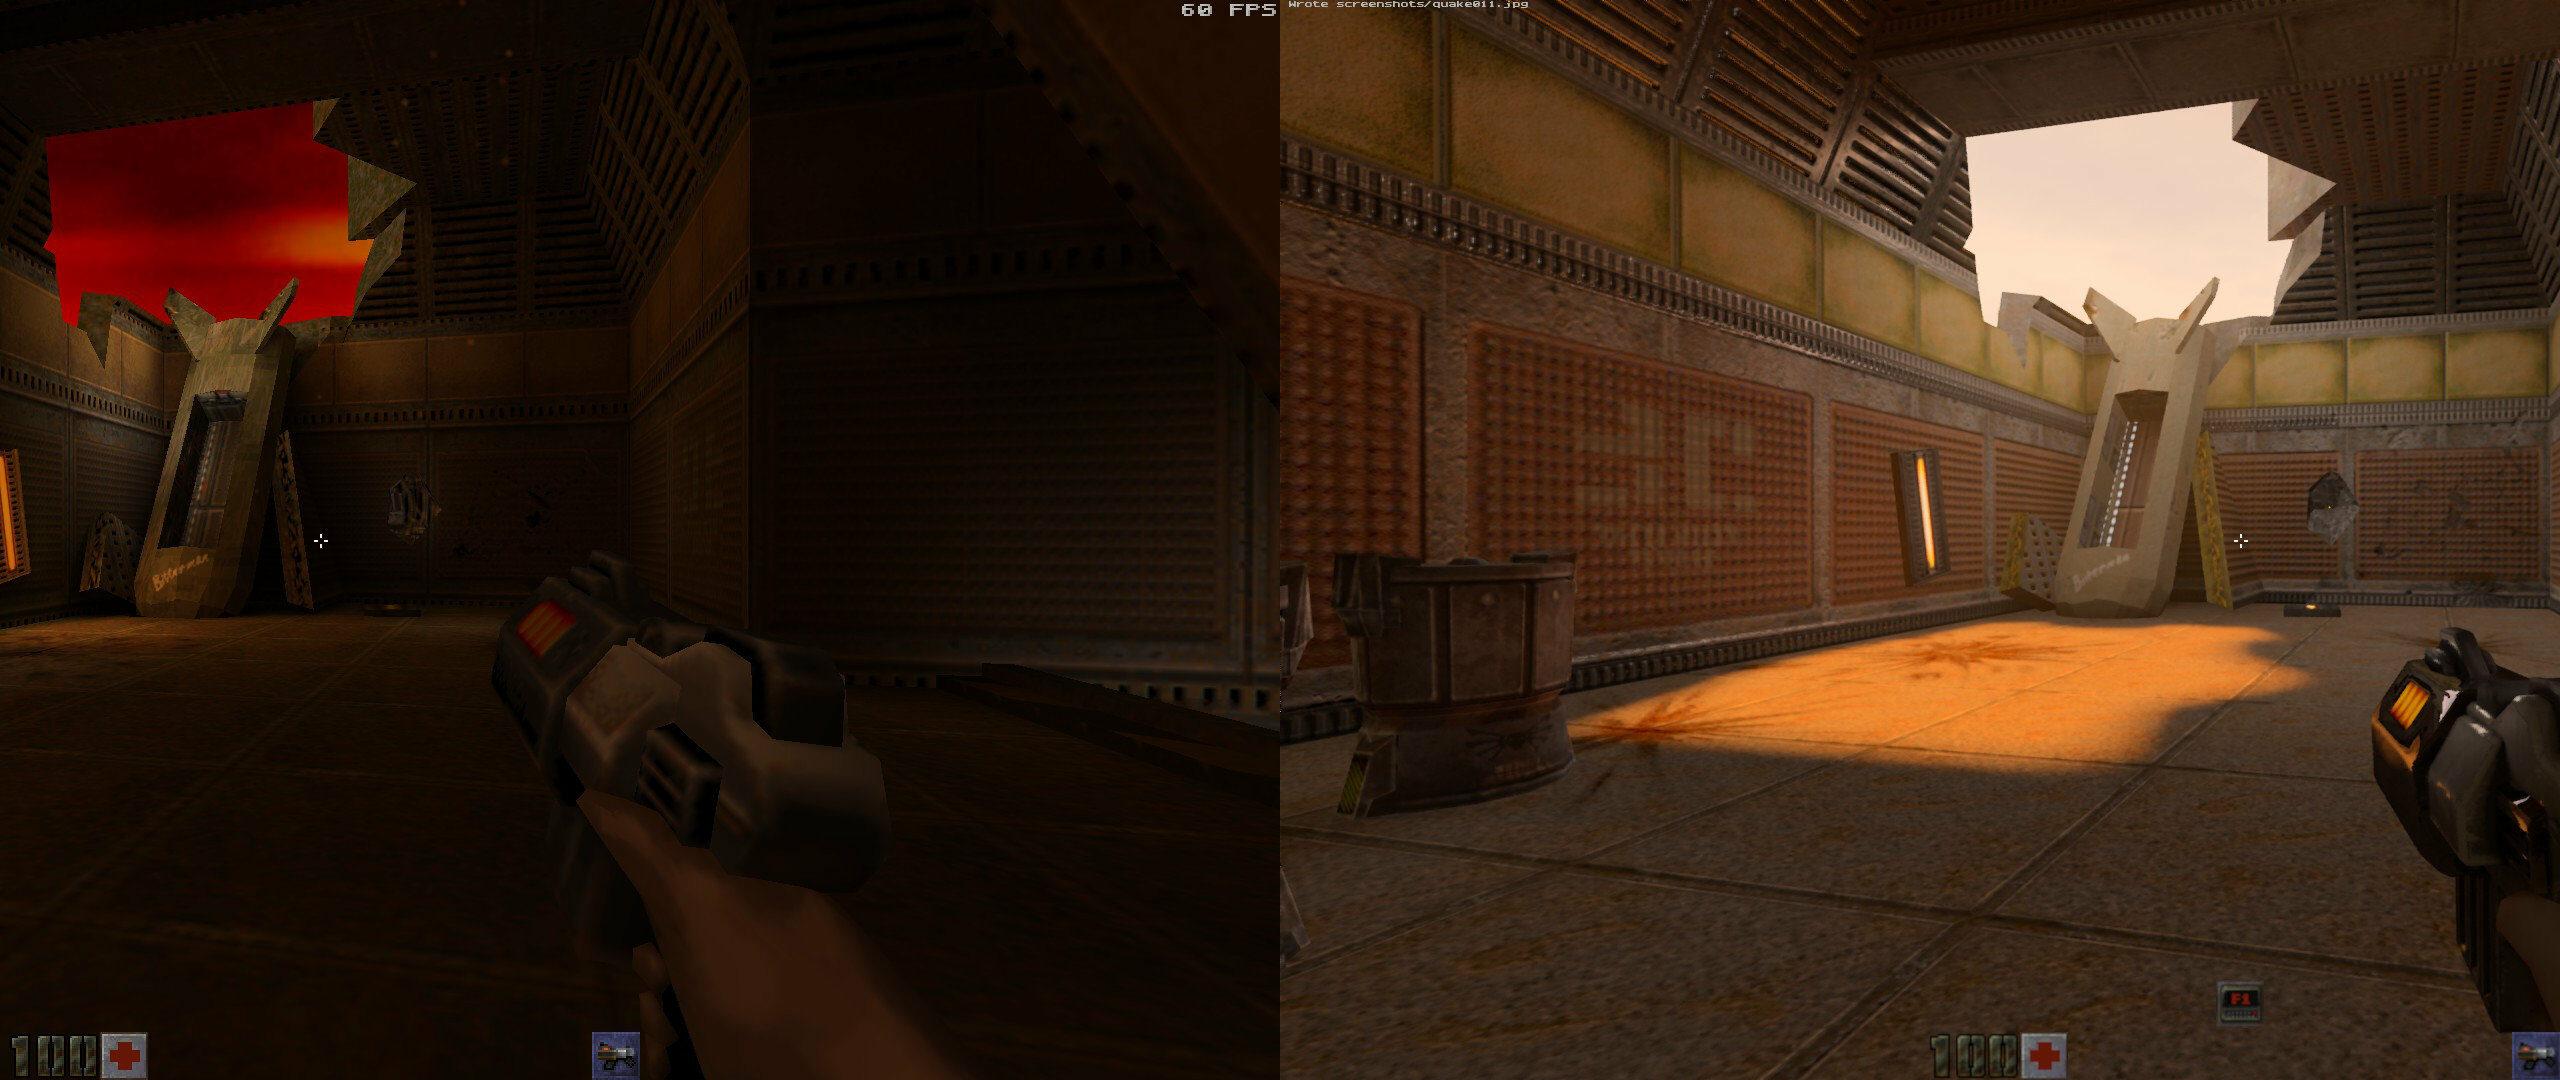 À gauche, le rendu OpenGL original. À droite, la même scène en RTX.